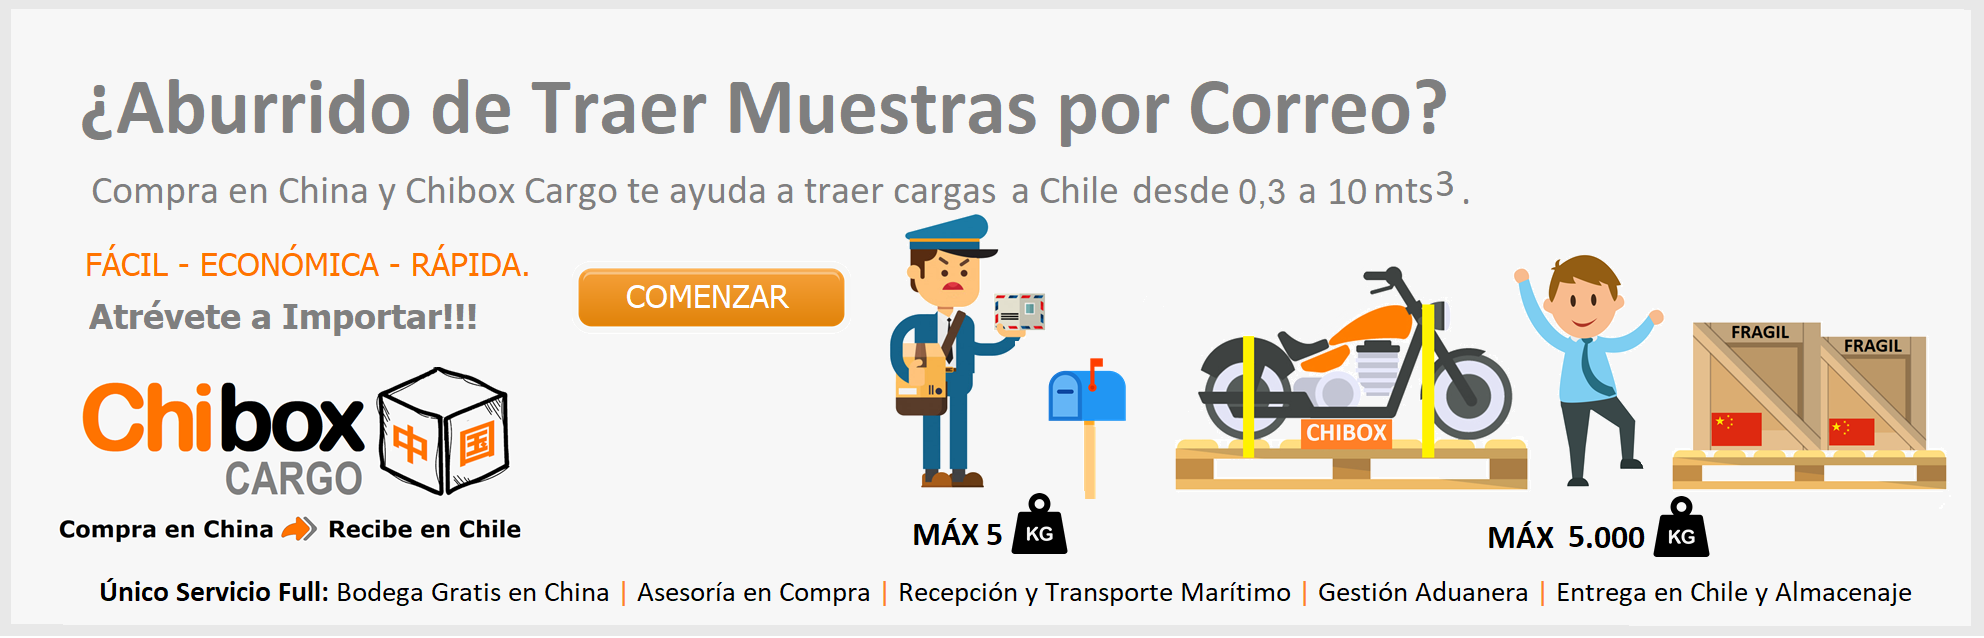 Chibox Cargo SPA | Compra en China y Recibe en Chile